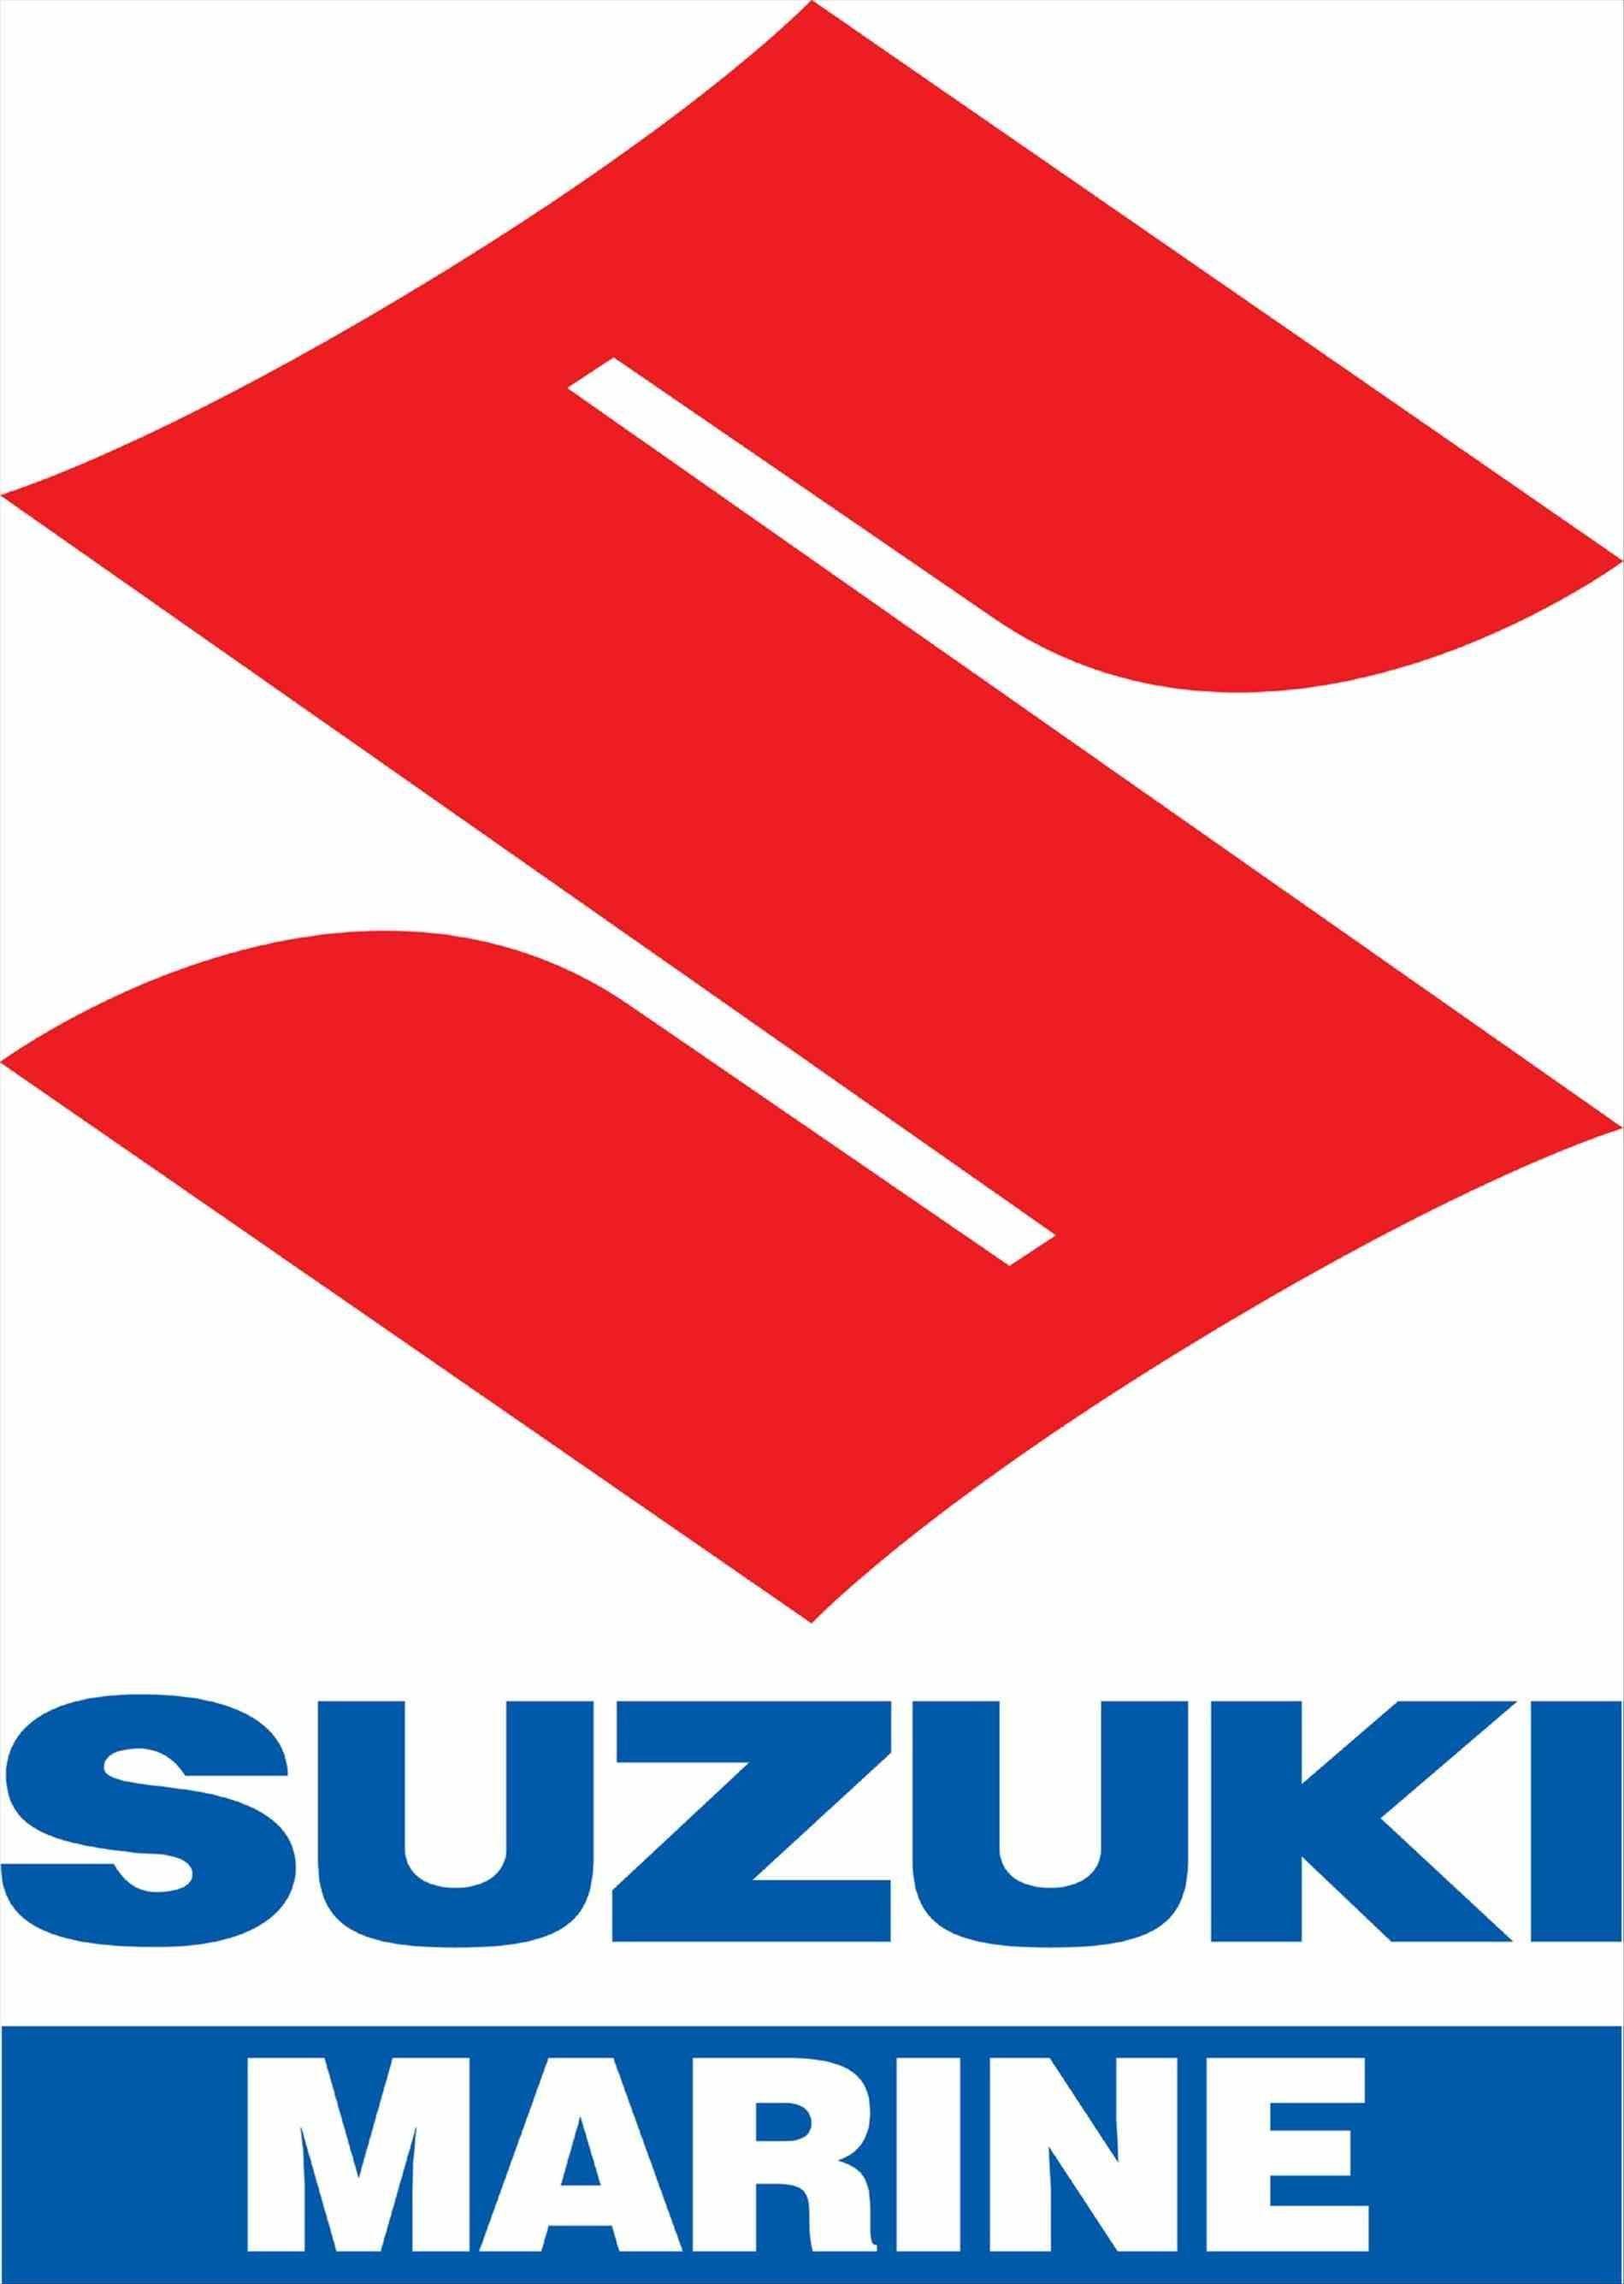 Suzuki Øskner